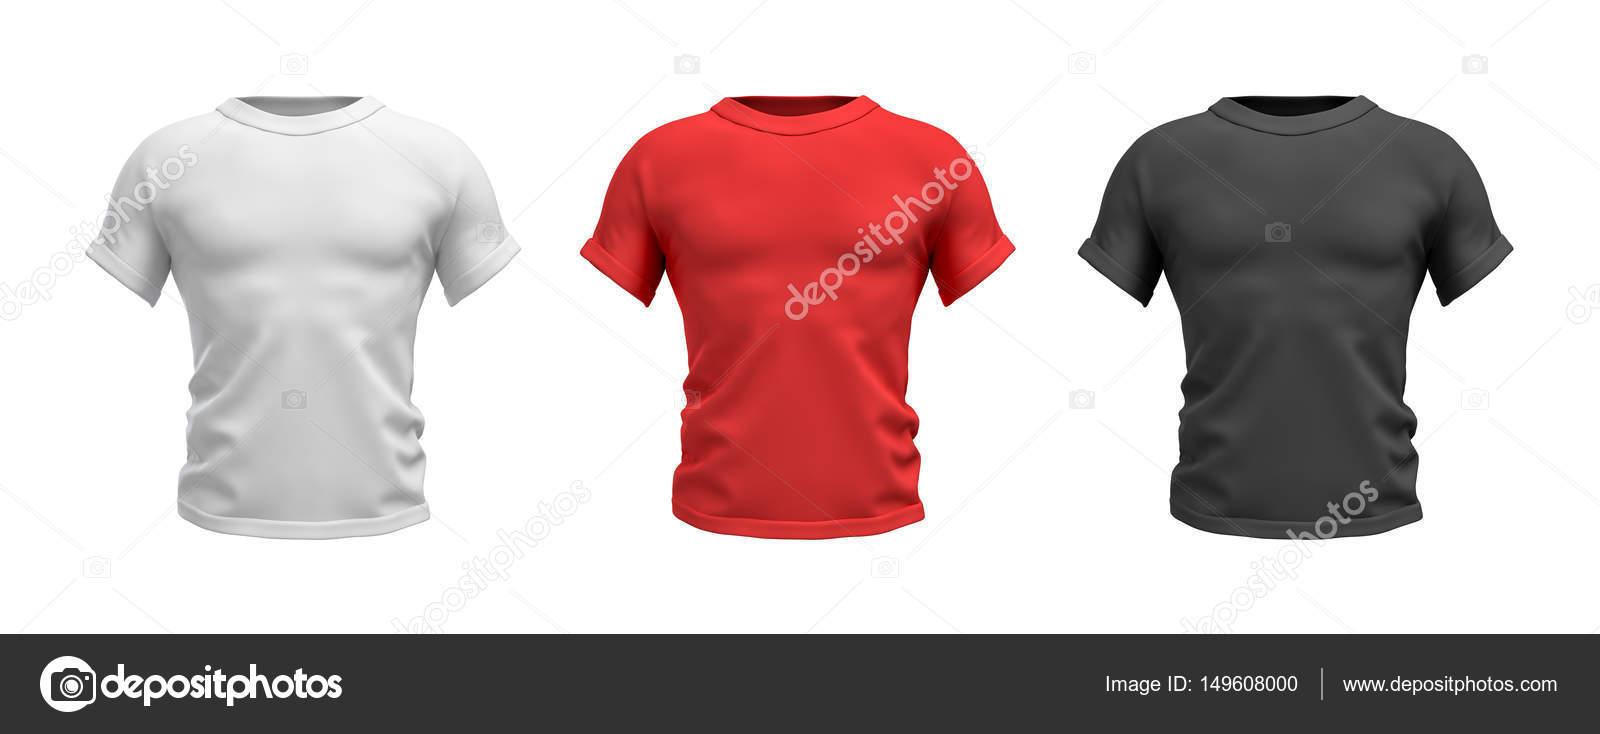 9b1c7097d2 3D visszaadás-ból három férfi póló fehér, piros és fekete színek reális  izmos felsőtest elülső nézetben– stock kép